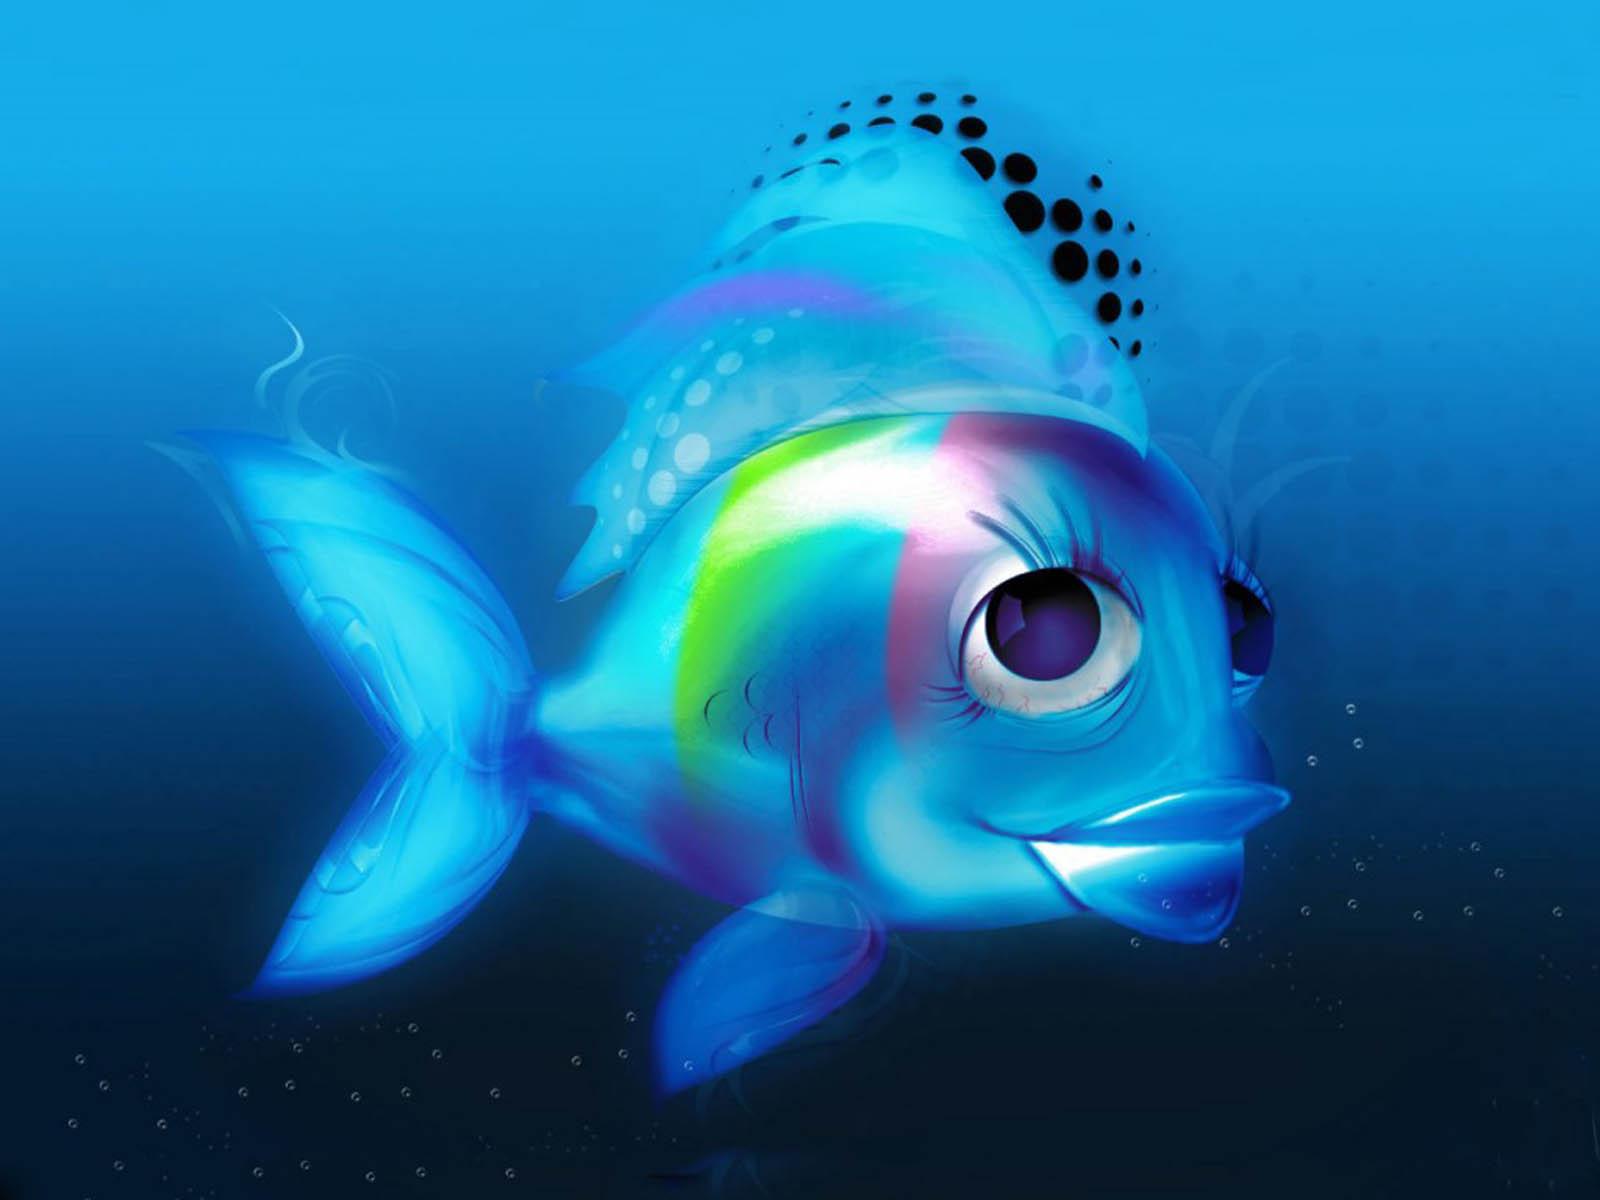 3D Fish Wallpapers Wallpaper 1600x1200